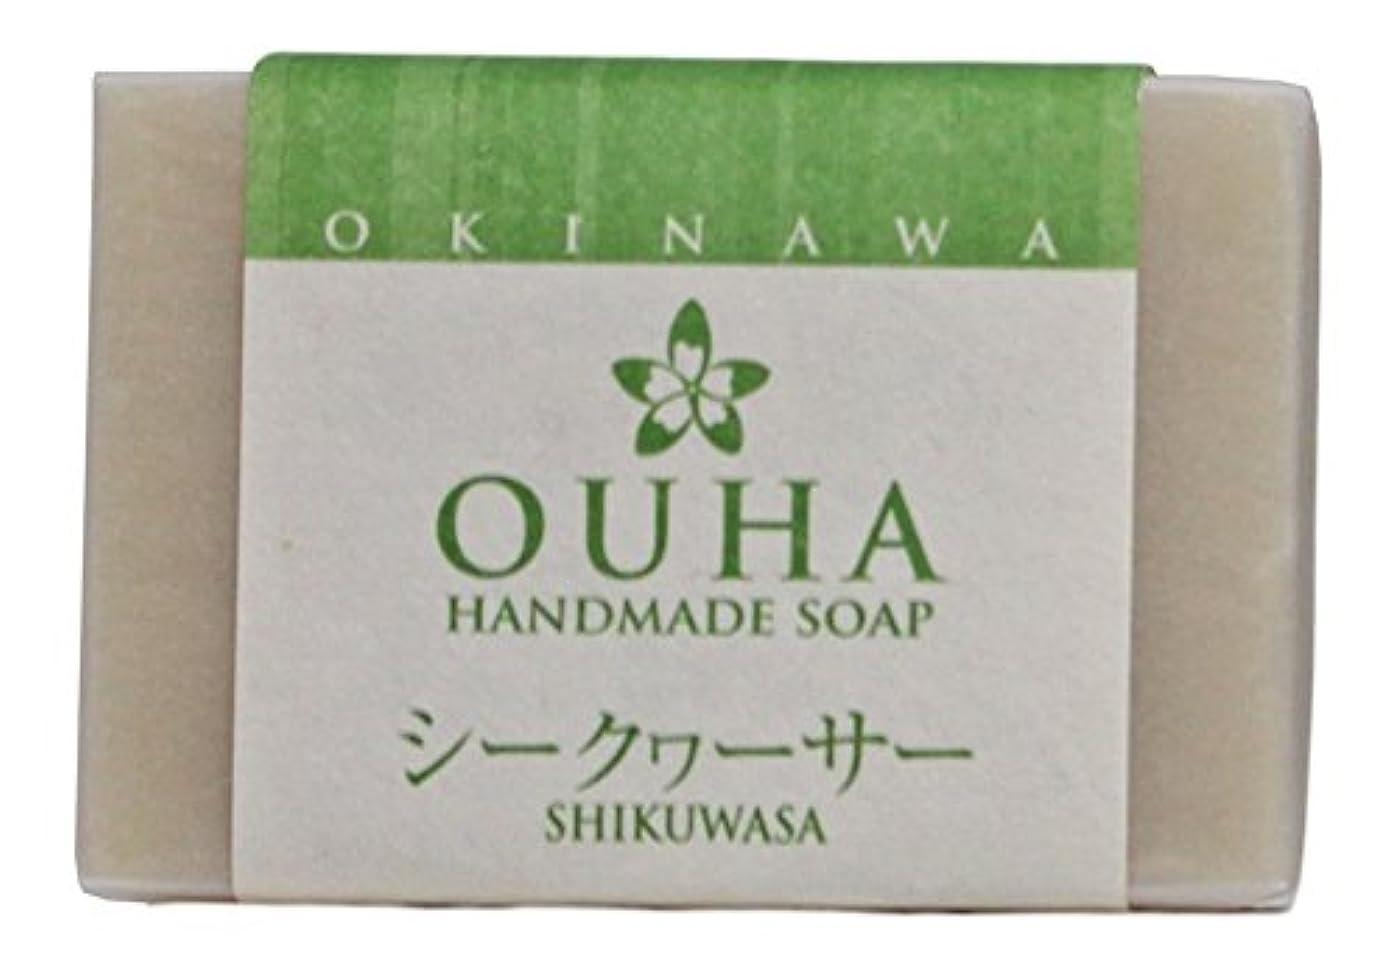 ドレス繊維復活させる沖縄手作り洗顔せっけん OUHAソープ シークヮーサー 47g